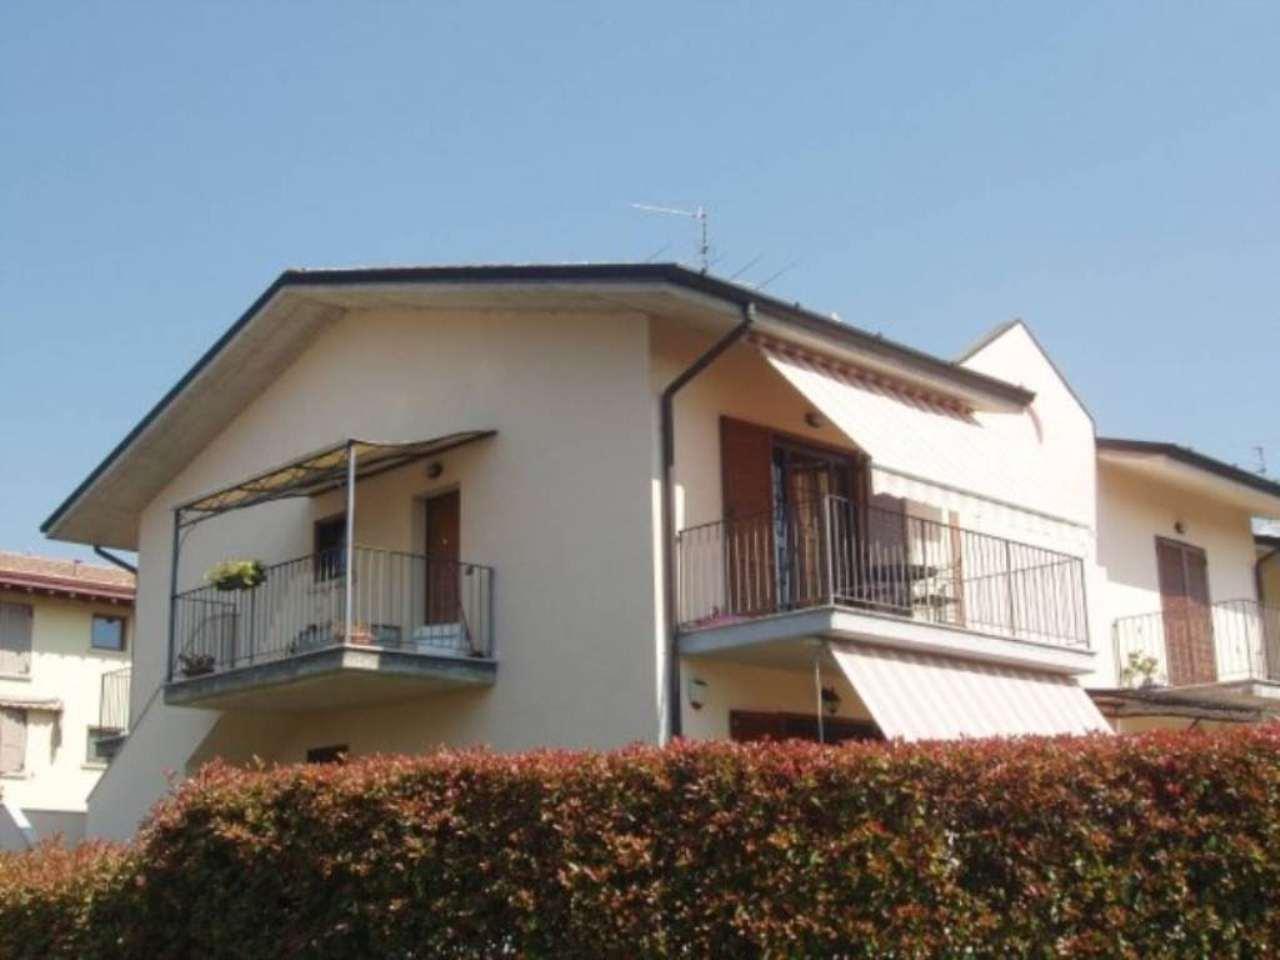 Appartamento in vendita a Torbole Casaglia, 3 locali, prezzo € 180.000 | PortaleAgenzieImmobiliari.it